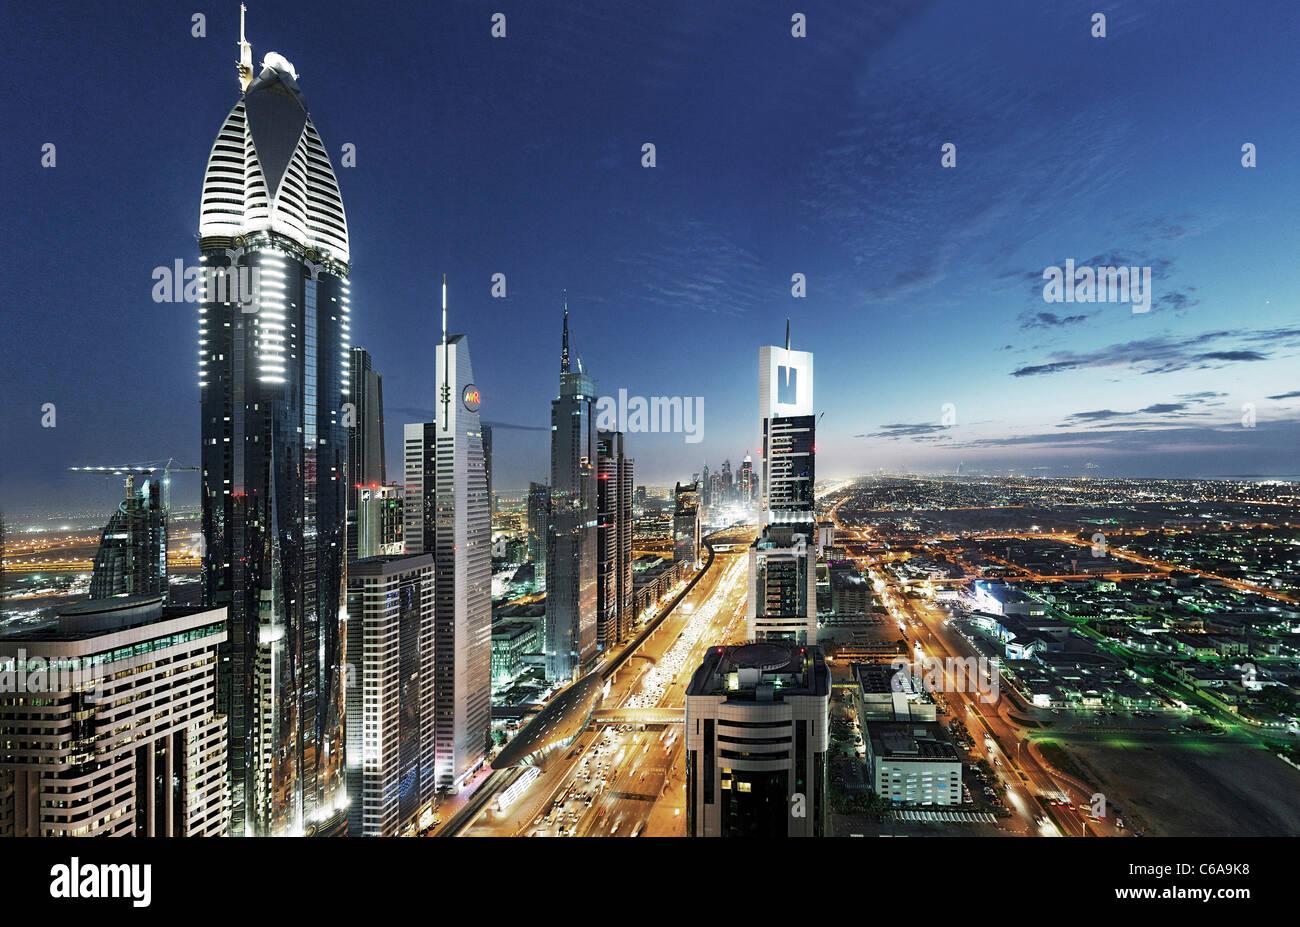 Soirée au Golfe persique, trafic, ville, centre-ville de Dubai, Dubaï, Émirats arabes unis, Moyen Photo Stock